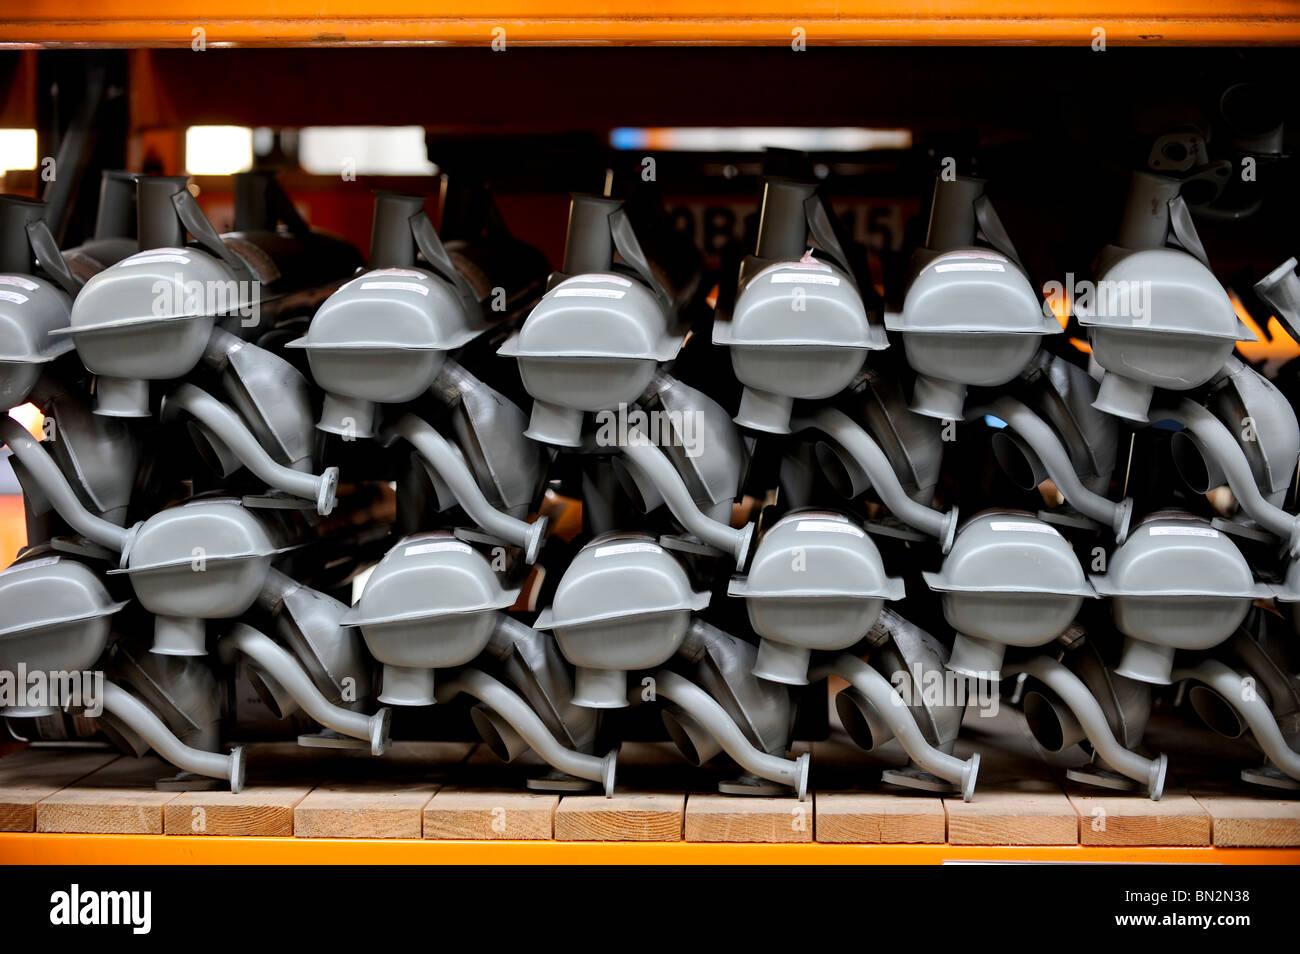 buy how to restore volkswagen beetle jim tyler